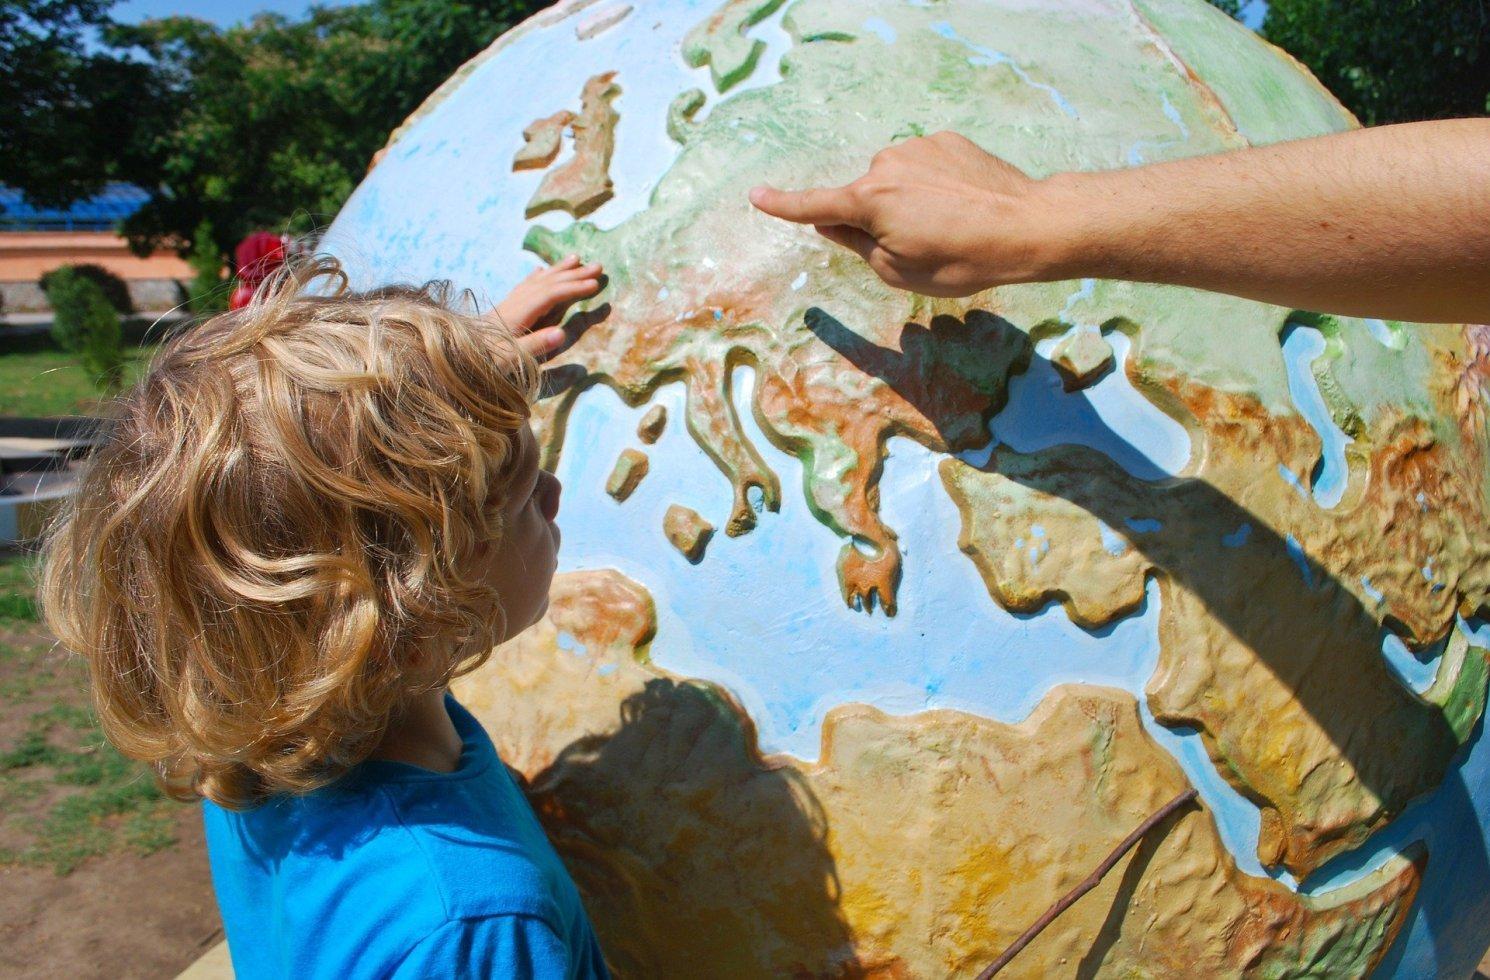 Auswandern mit Kindern: Wie geht das?